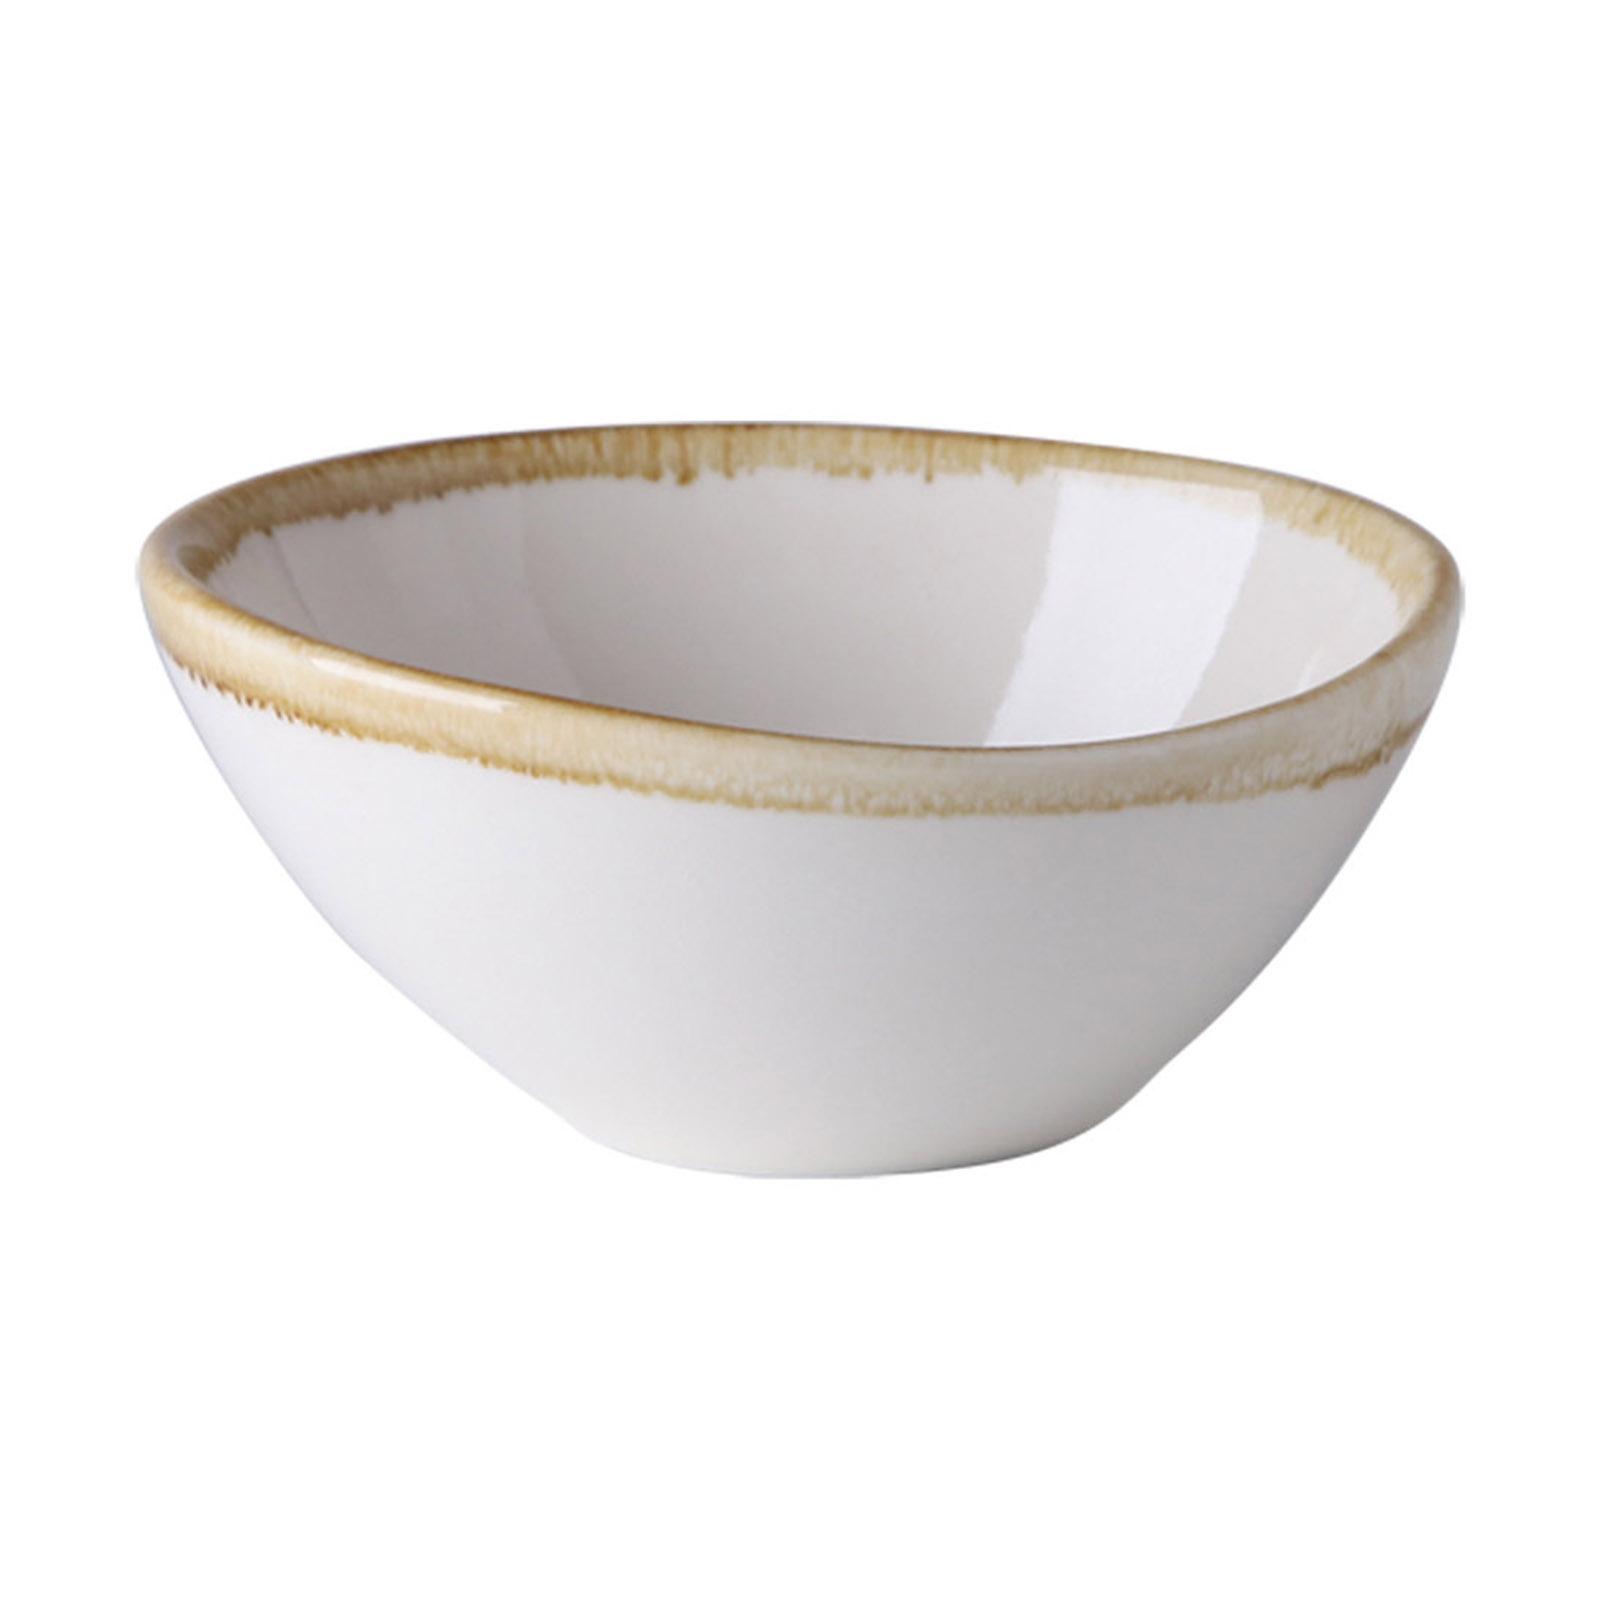 Cardinal FJ553 china, bowl,  9 - 16 oz